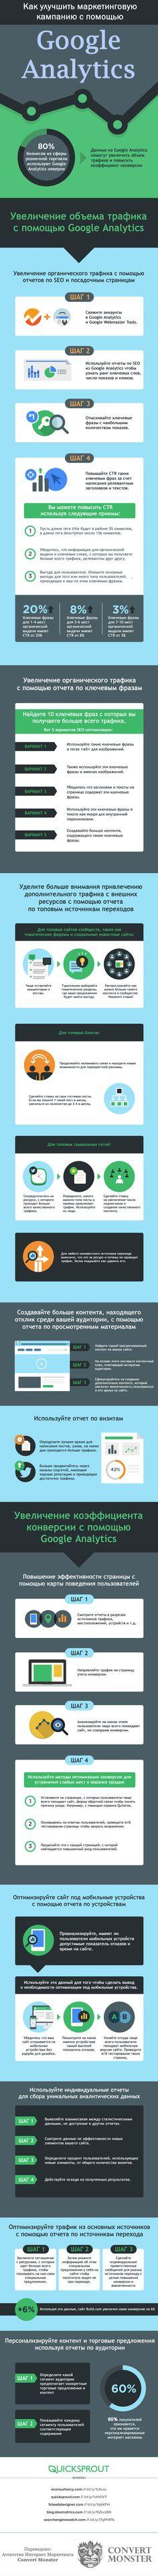 Как улучшить маркетинговую кампанию с помощью Google Analytics Инфографика про контент-маркетинг с Google Analytics http://www.intelisystems.com